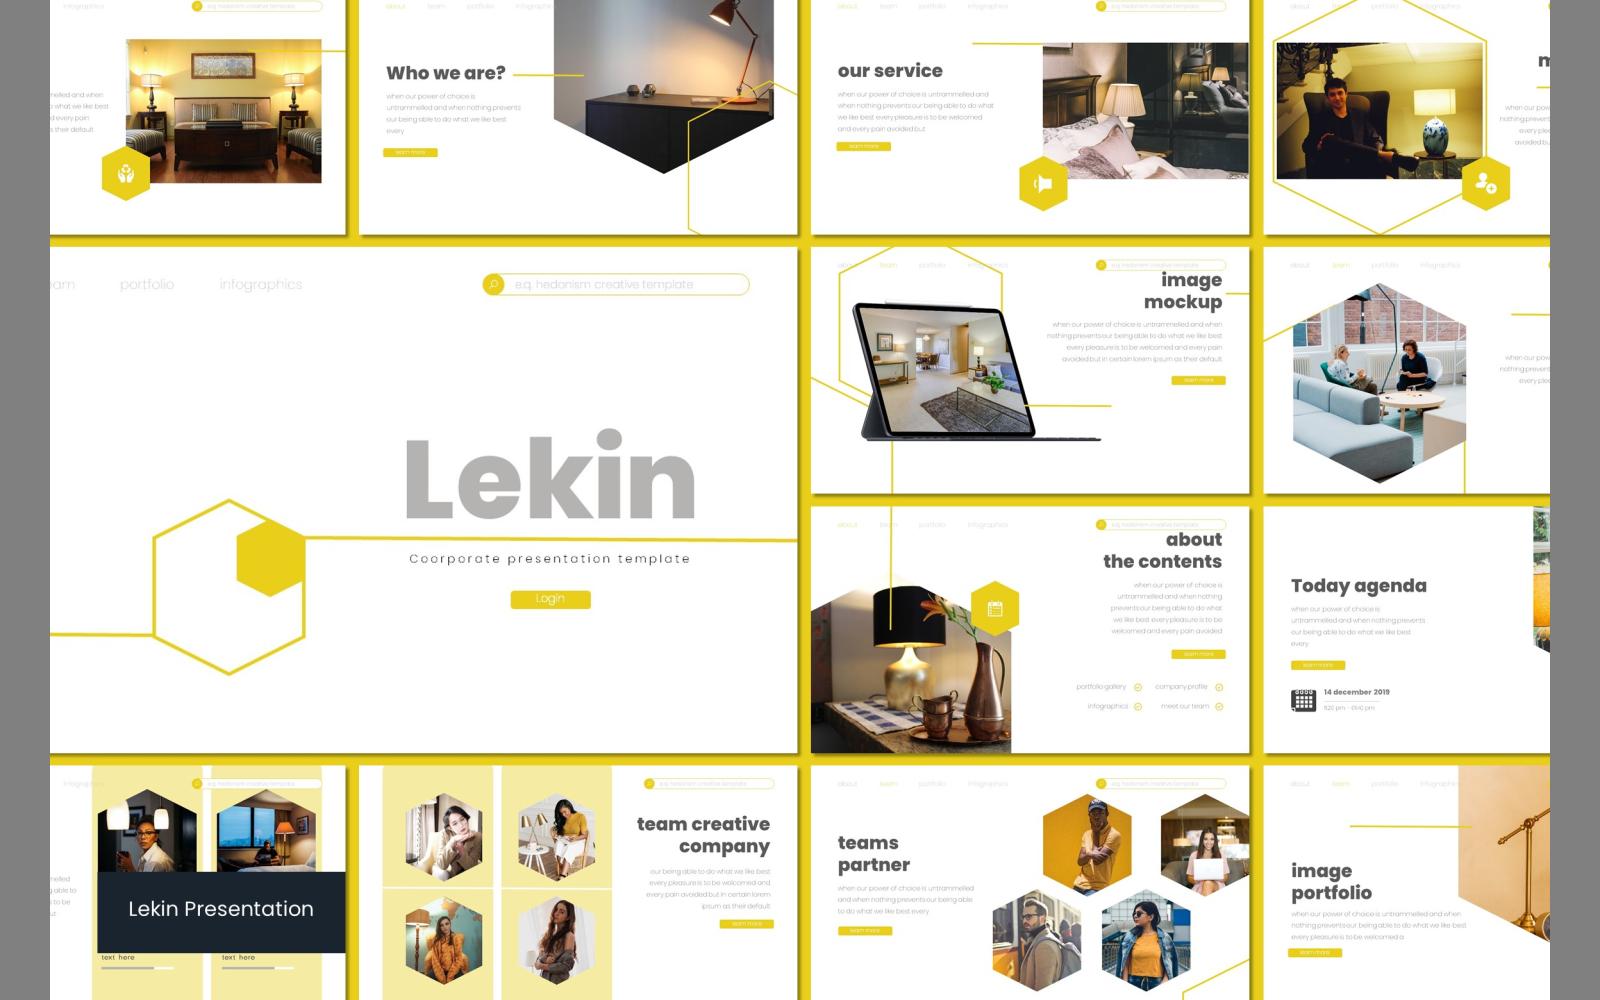 Lekin PowerPoint Template